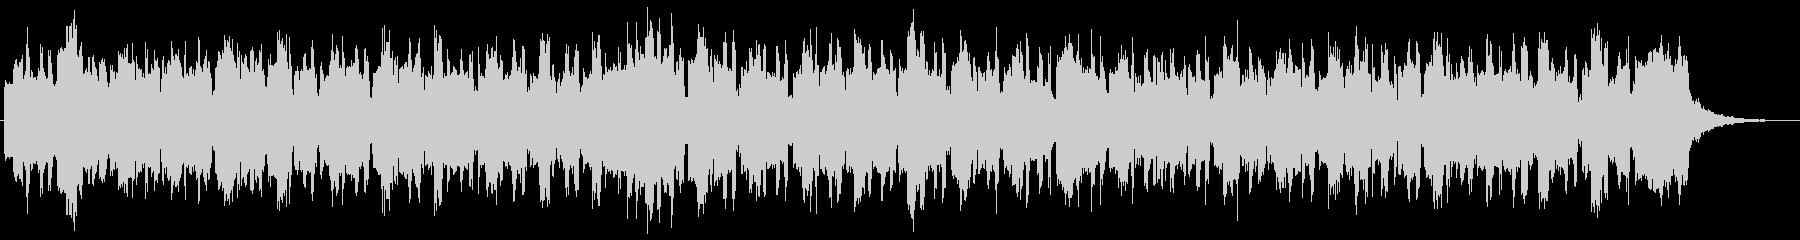 レトロなオルガンの可愛い感じのジングルの未再生の波形